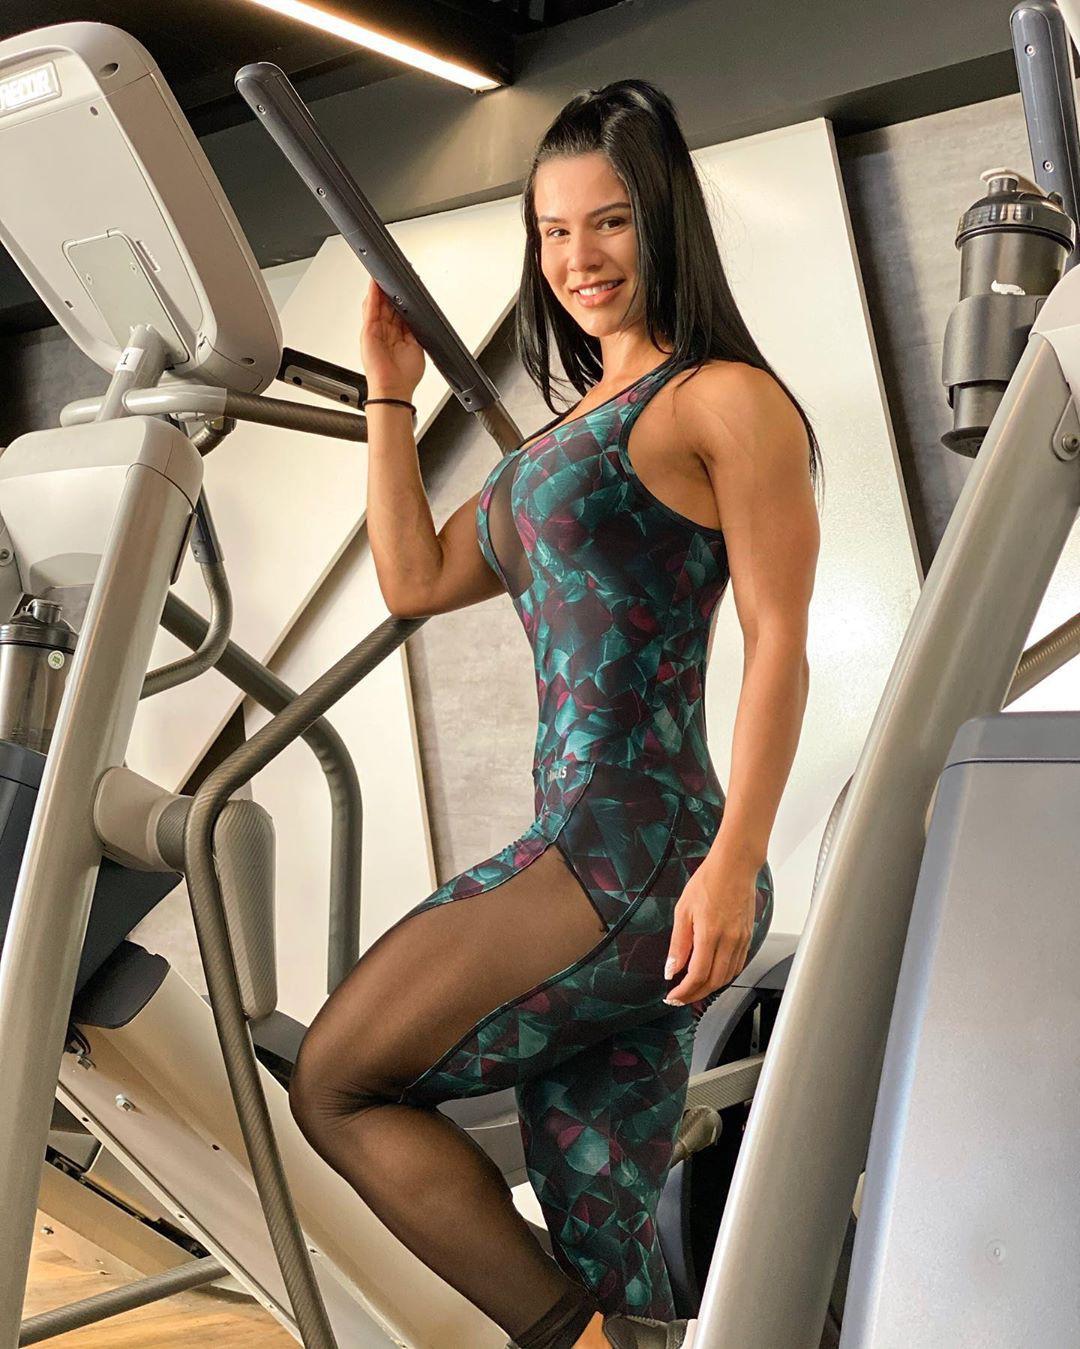 Perfect and stylish exercise machine, Eva Andressa